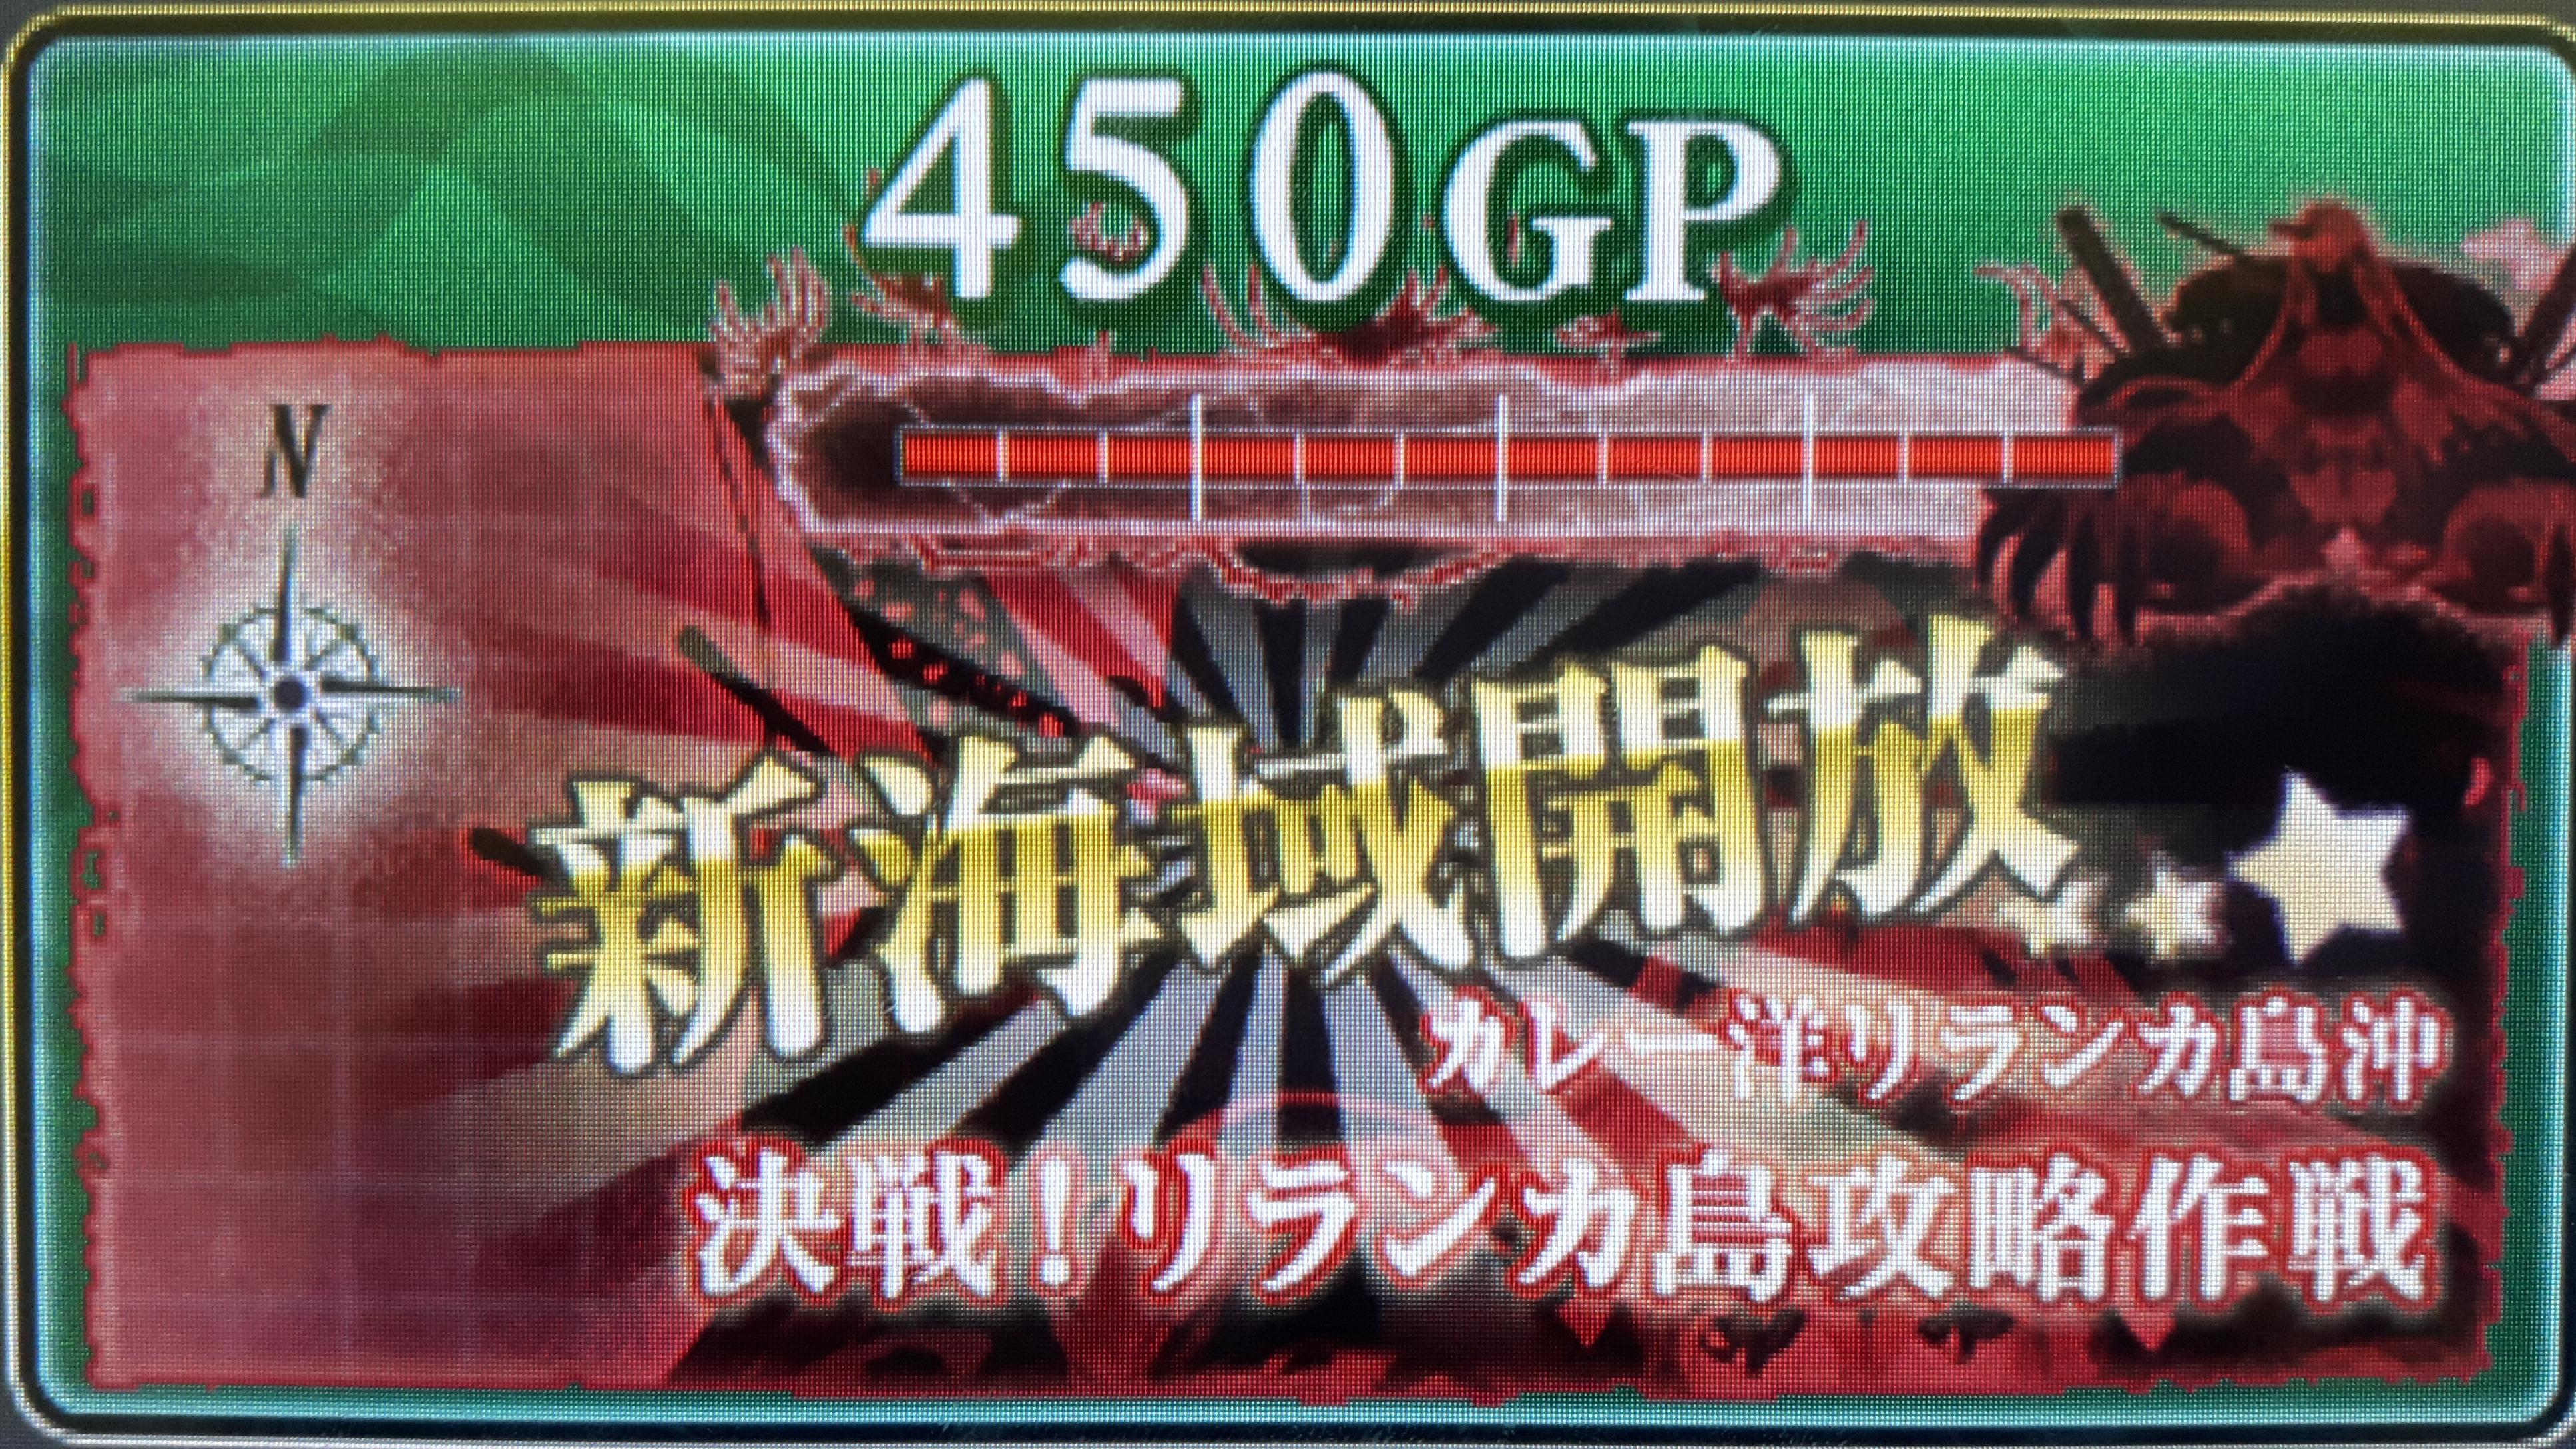 【AC】E6 決戦!リランカ島攻略作戦(丙作戦)攻略